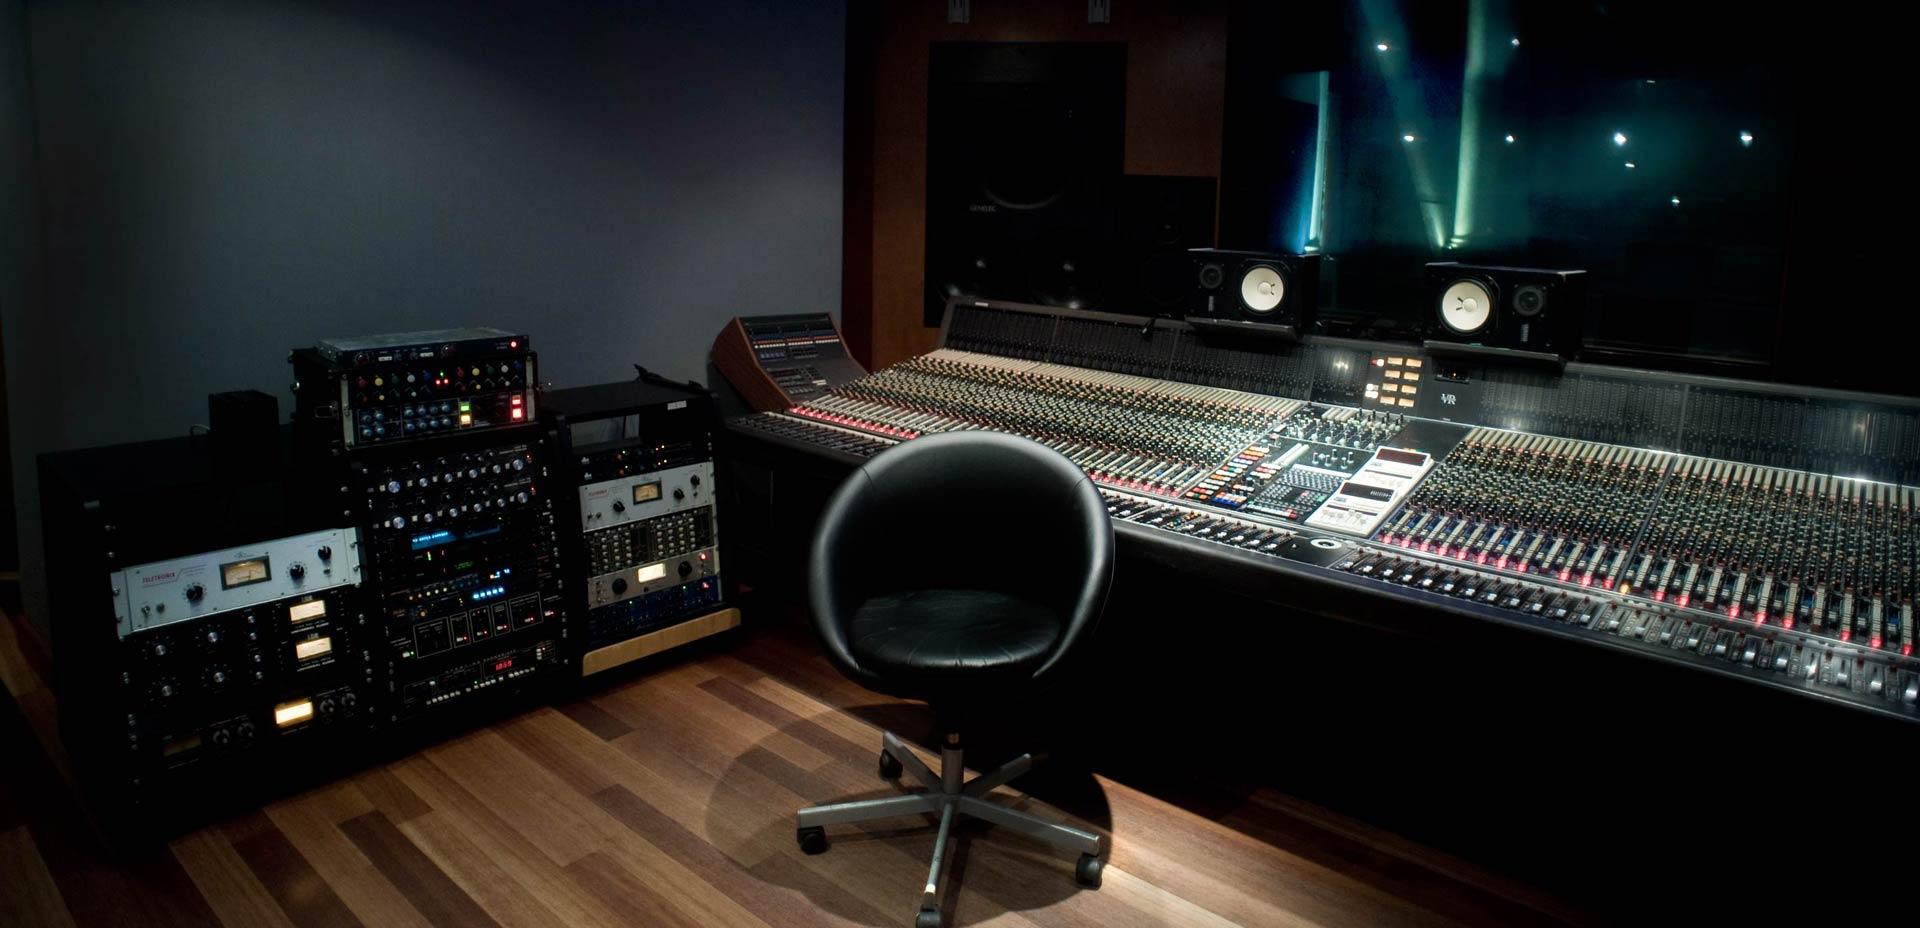 Studio wallpaper wallpapersafari - Music recording studio wallpaper ...